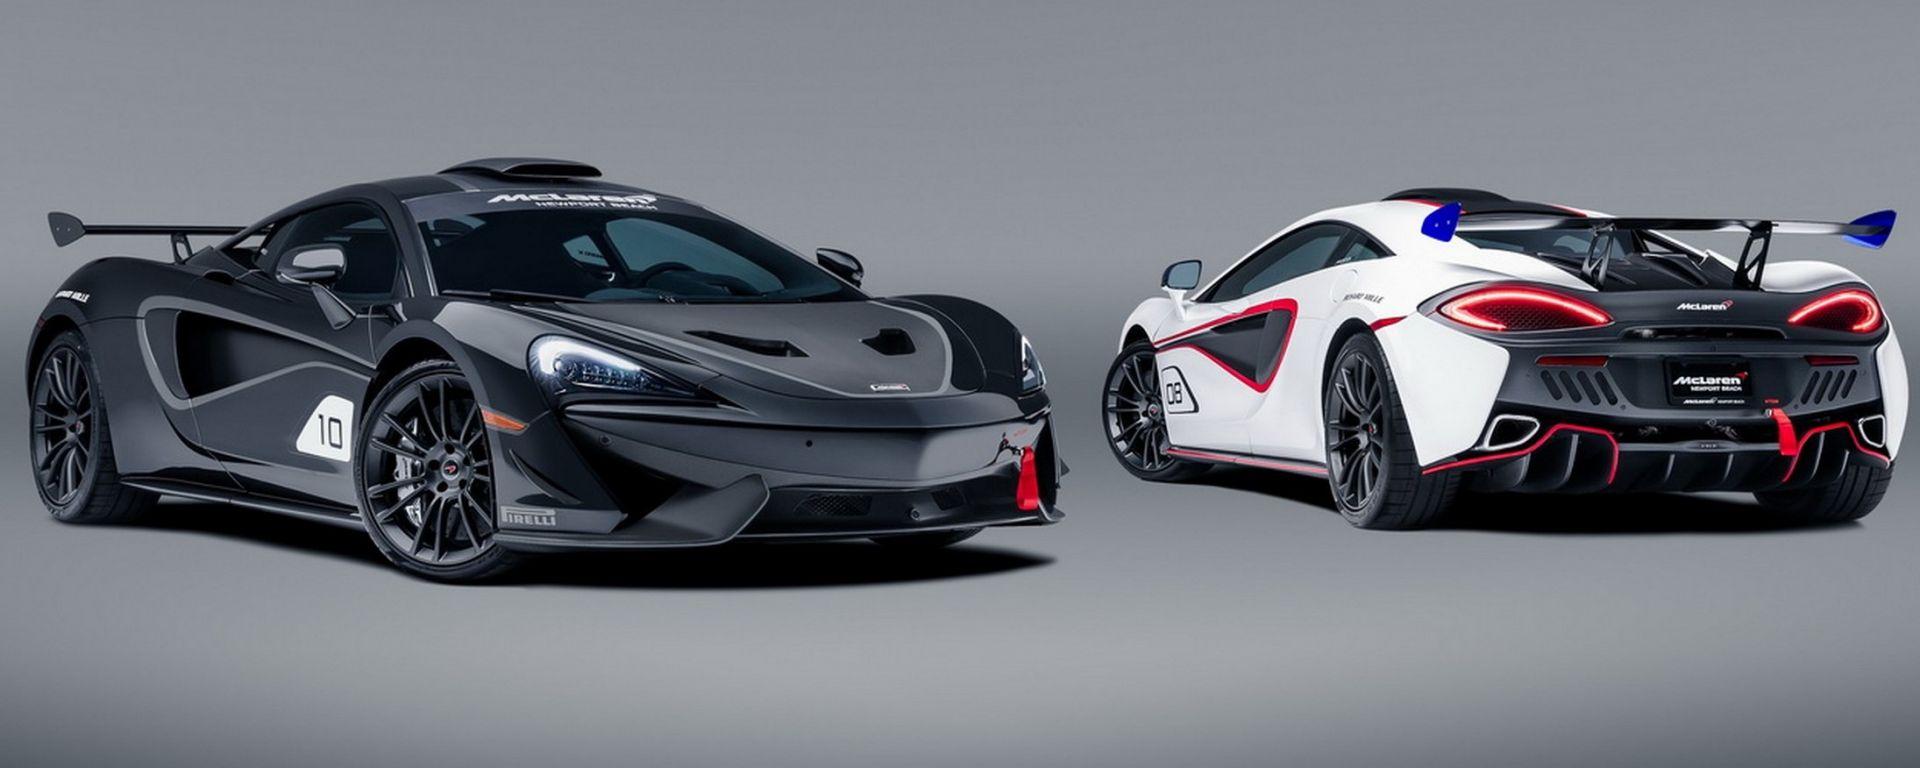 McLaren MSO X: solo 10 unità della Special basata sulla 570S